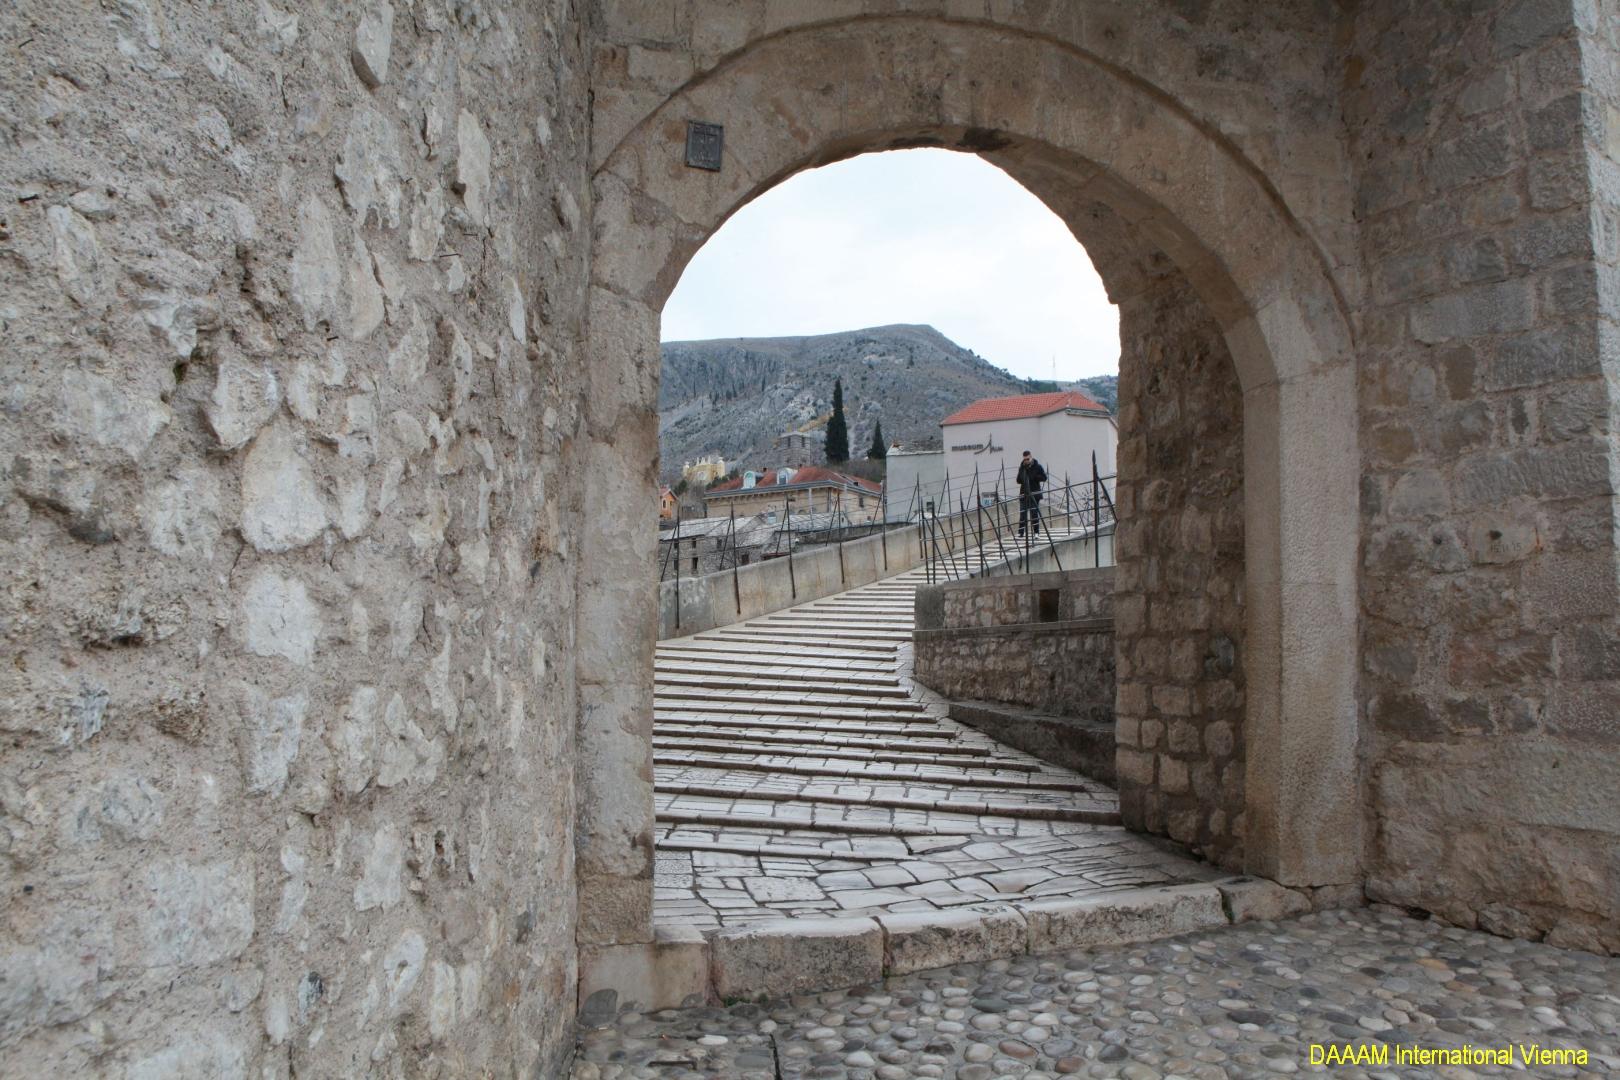 DAAAM_2016_Mostar_01_Magic_City_of_Mostar_063